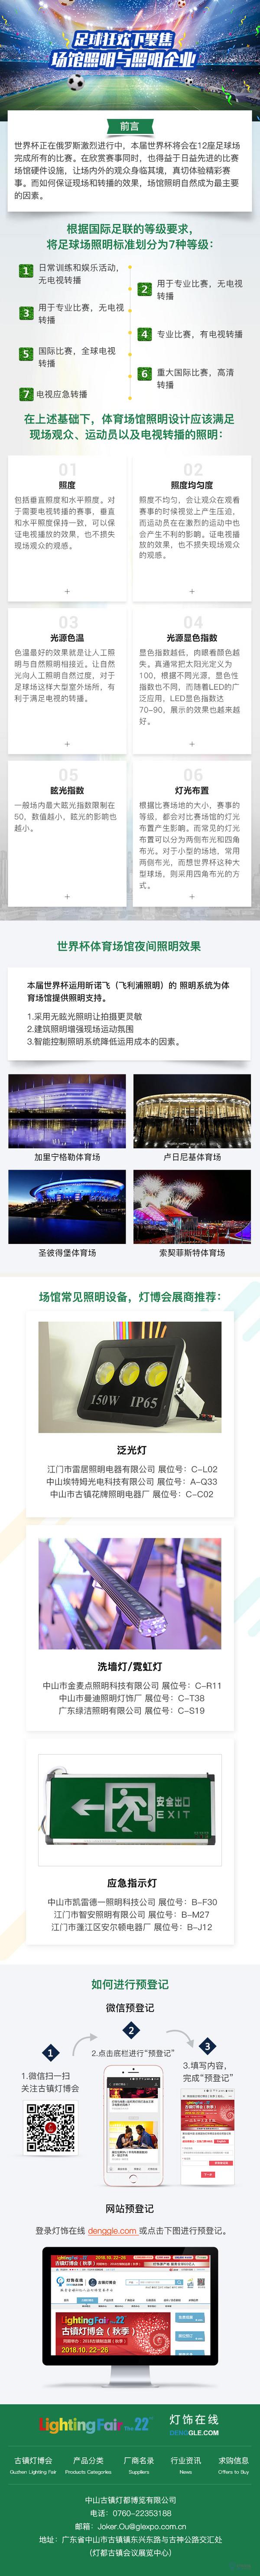 足球狂欢下聚焦 场馆照明与照明企业